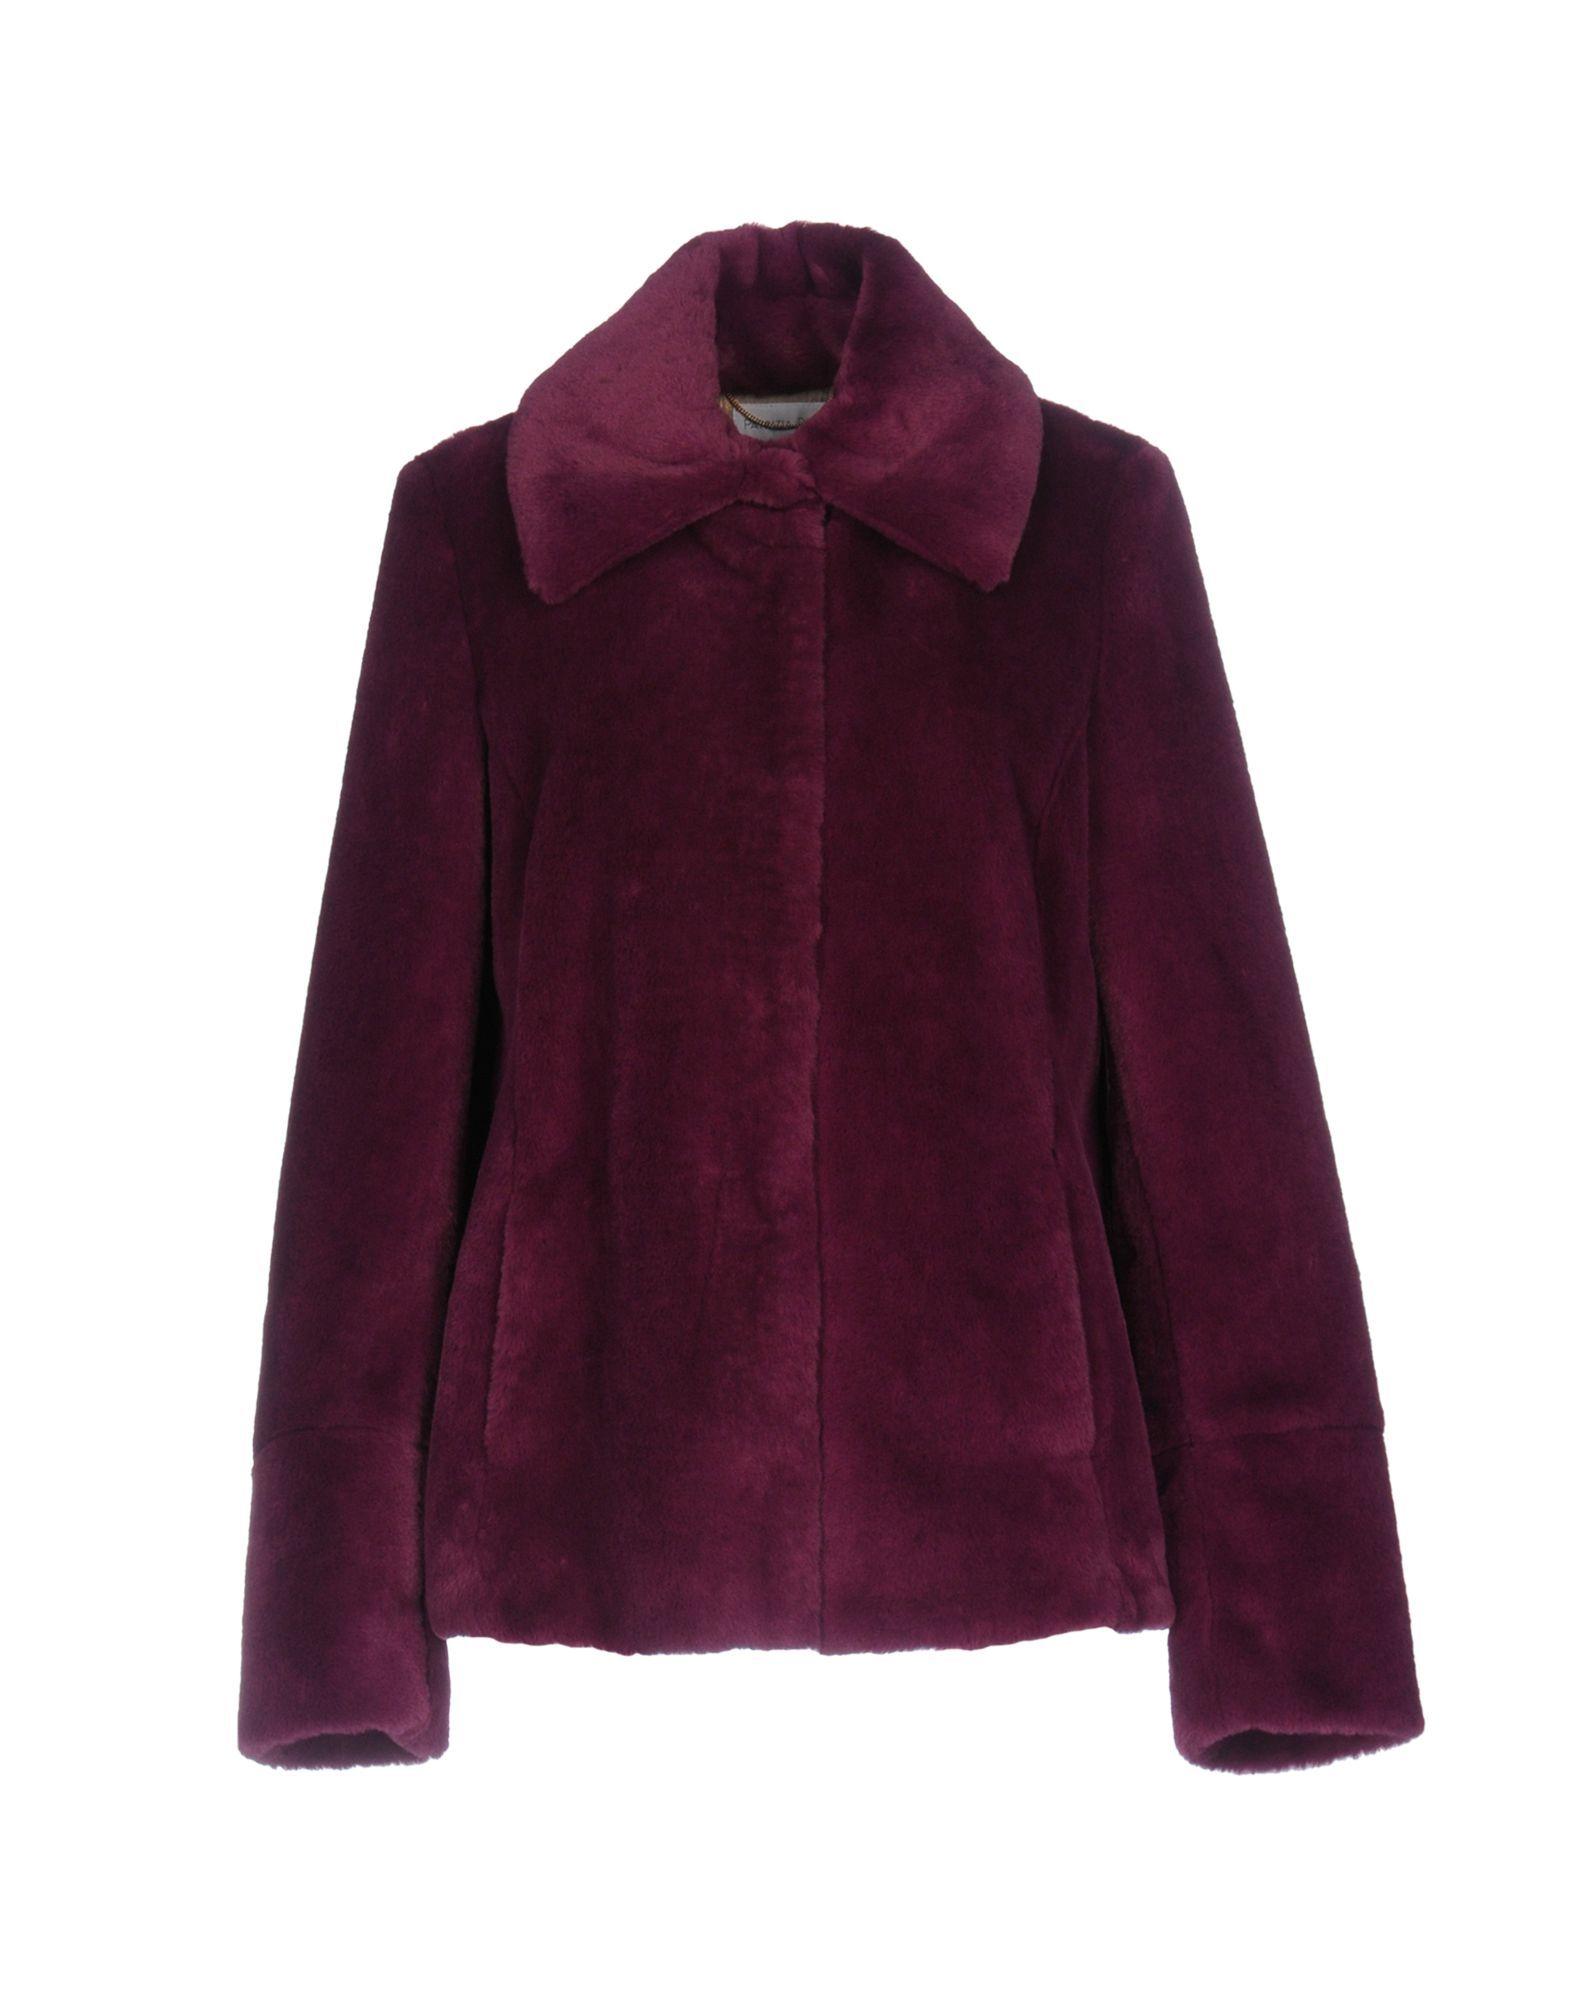 Patrizia Pepe Garnet Faux Fur Jacket